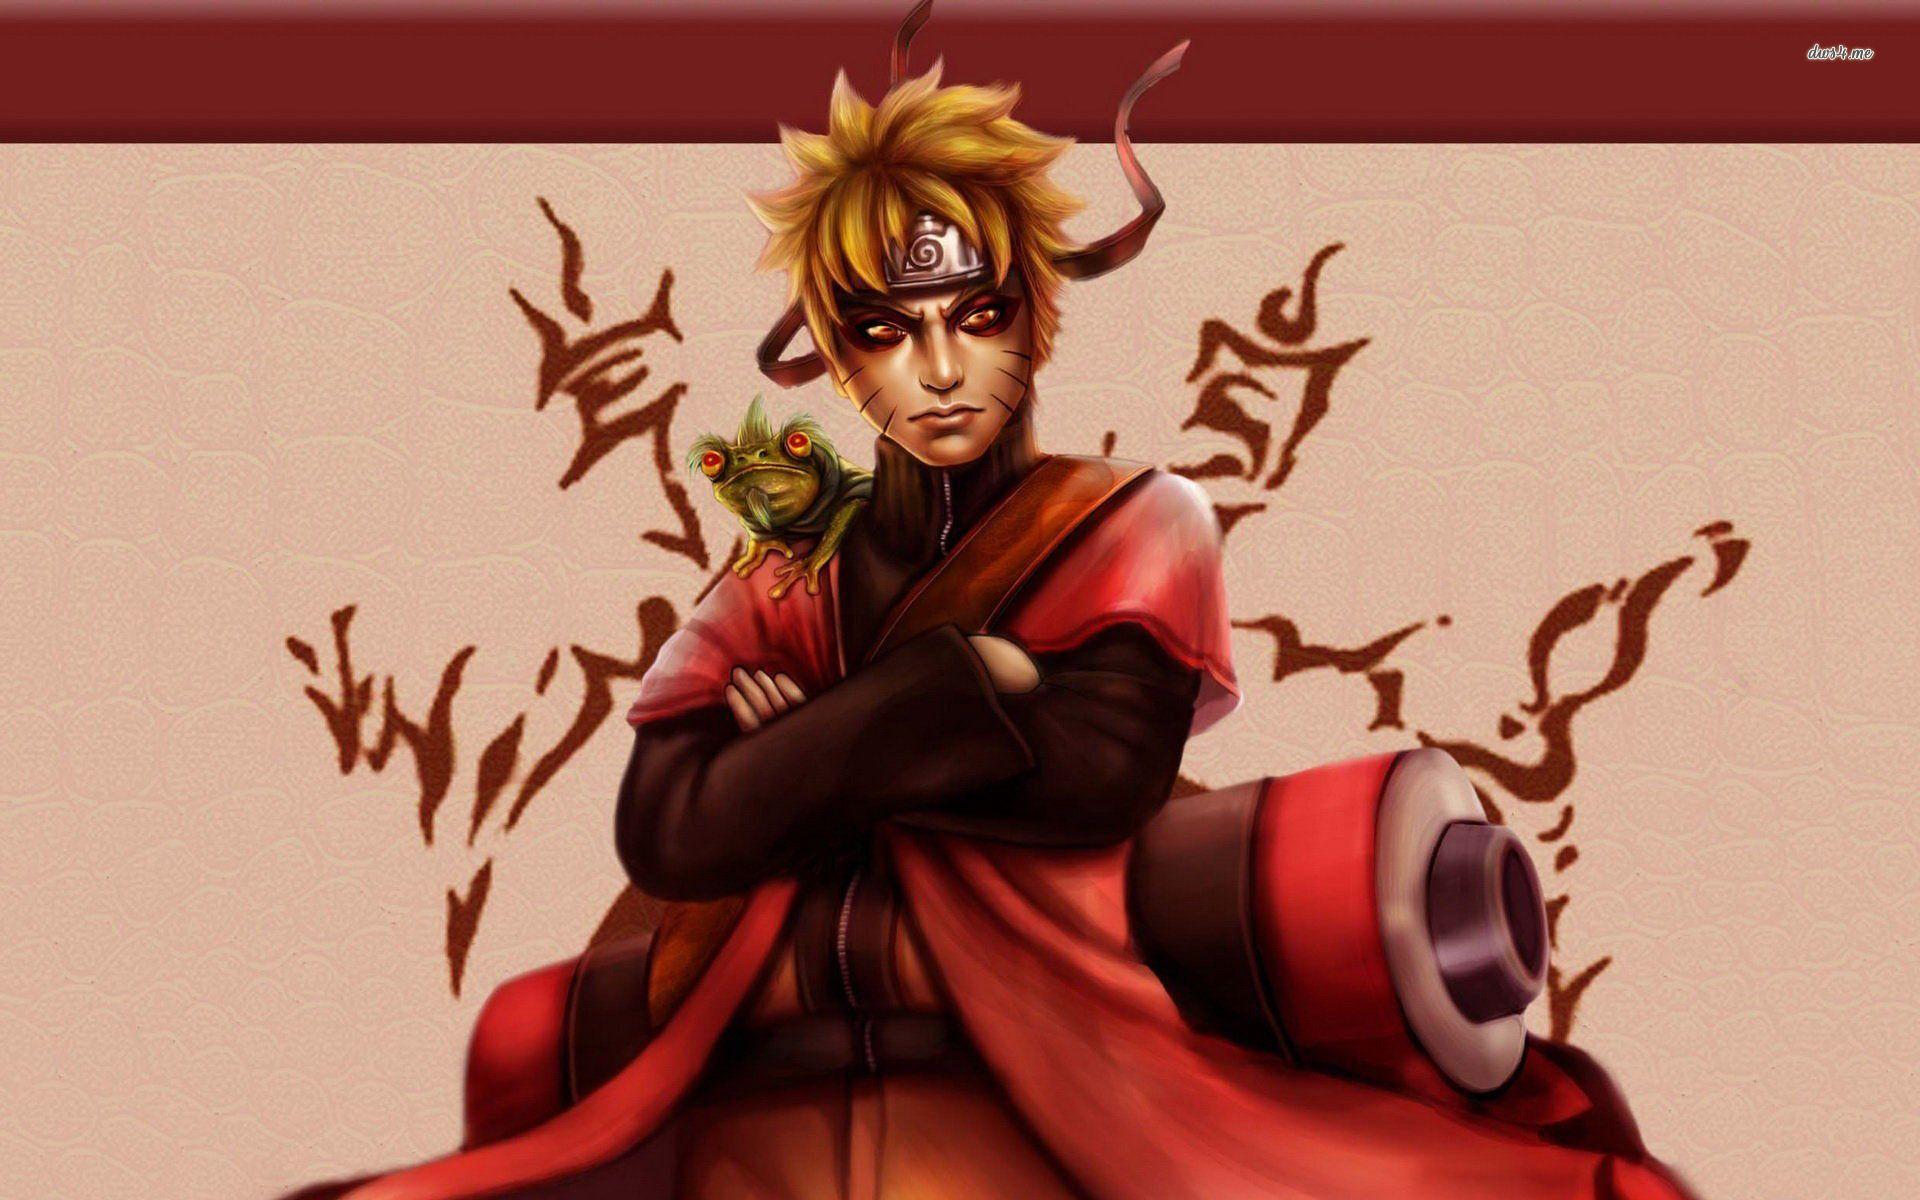 Naruto Uzumaki Naruto Hd Wallpaper Naruto Wallpaper Naruto Uzumaki Best Naruto Wallpapers